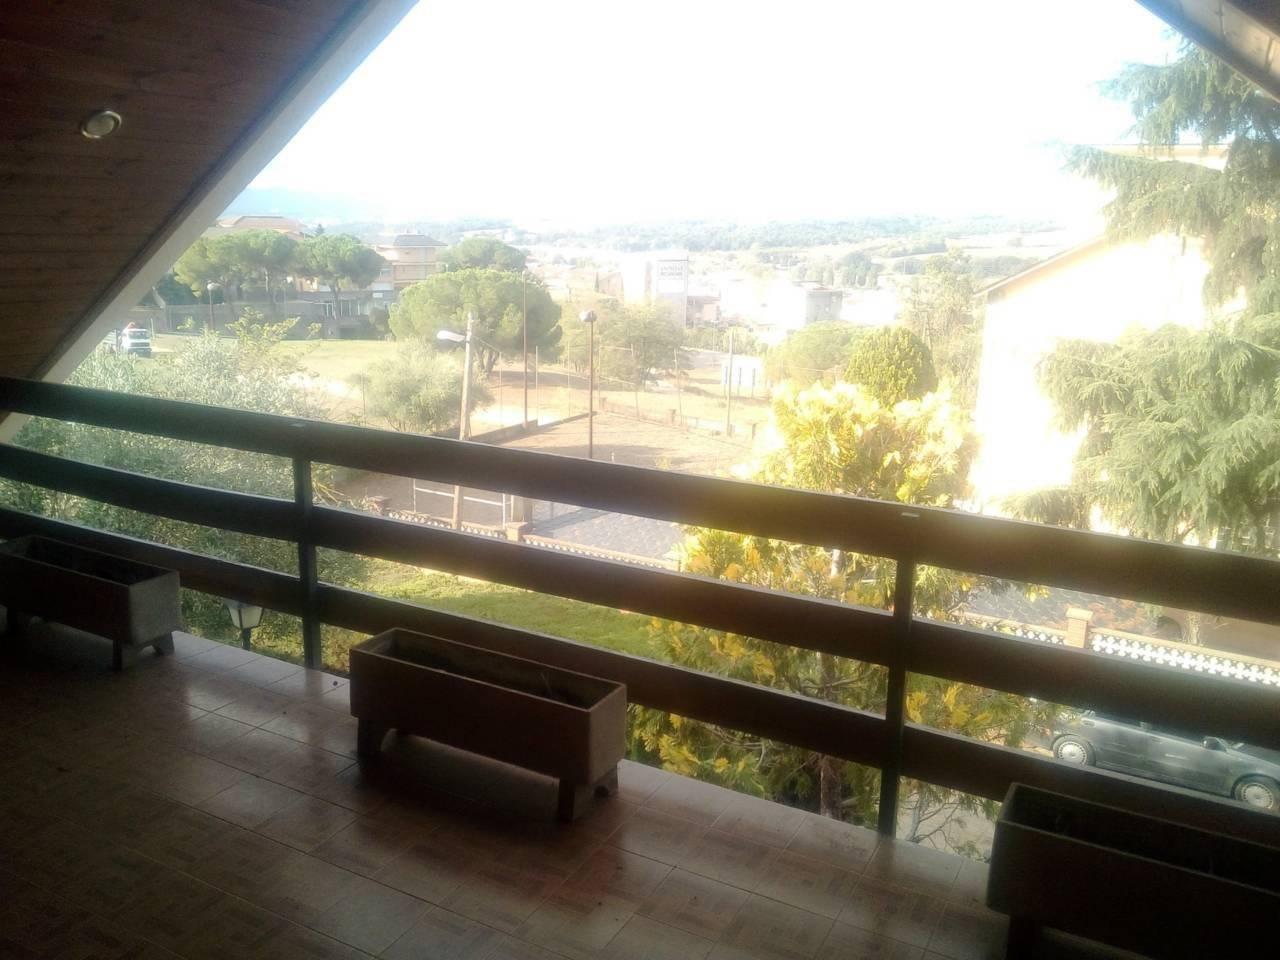 Location Maison  El castell. Superf. 589 m², 800 m² solar,  7 habitaciones (6 dobles,  1 indi